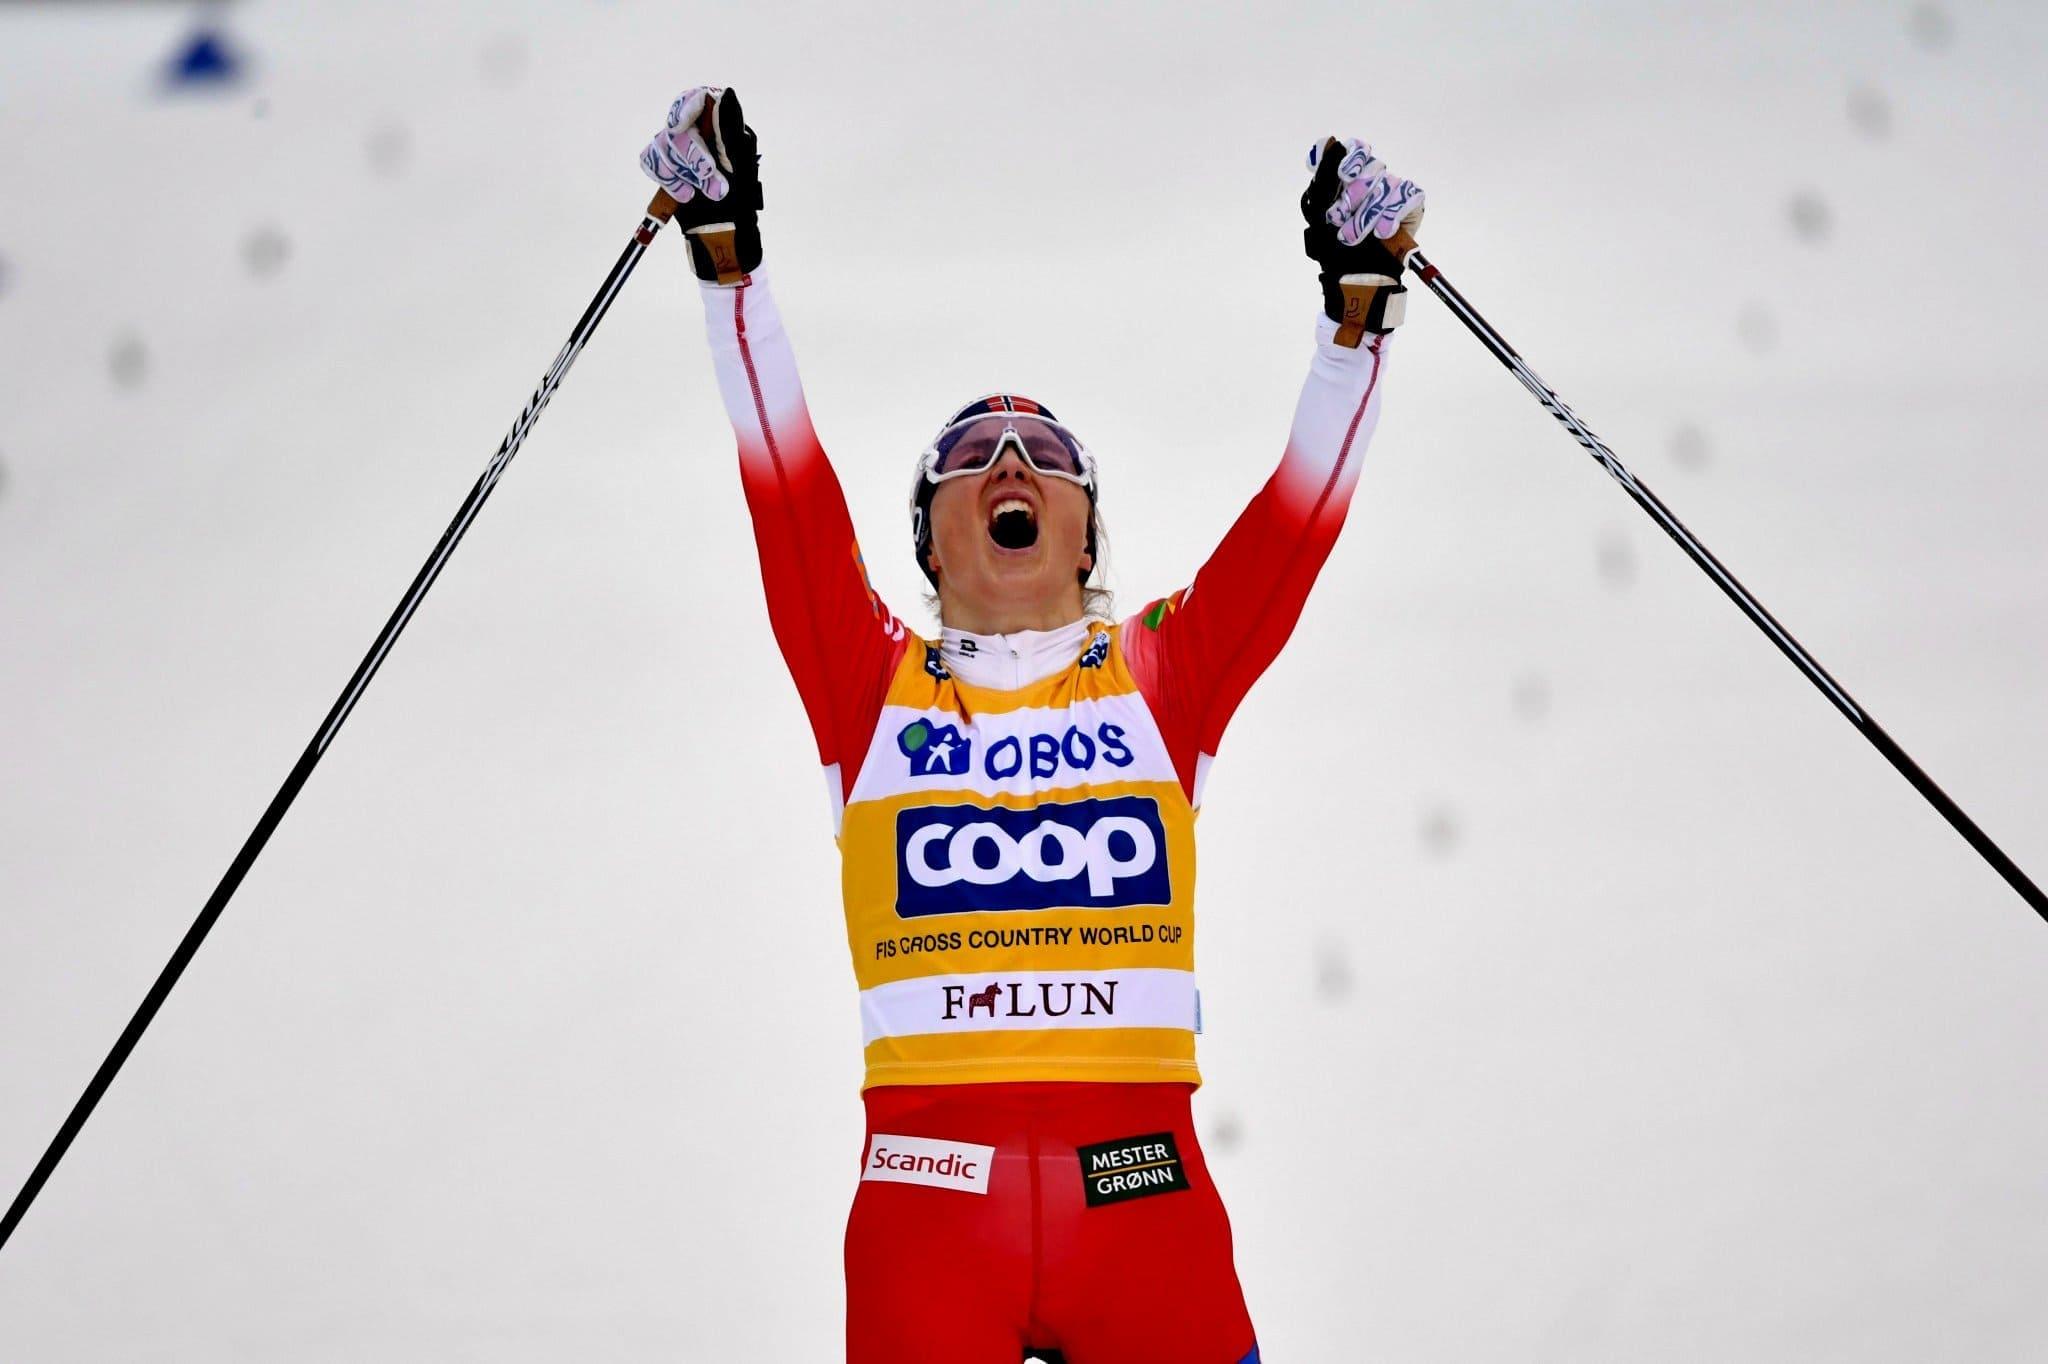 этап кубка мира по лыжным гонкам в фалуне 2020